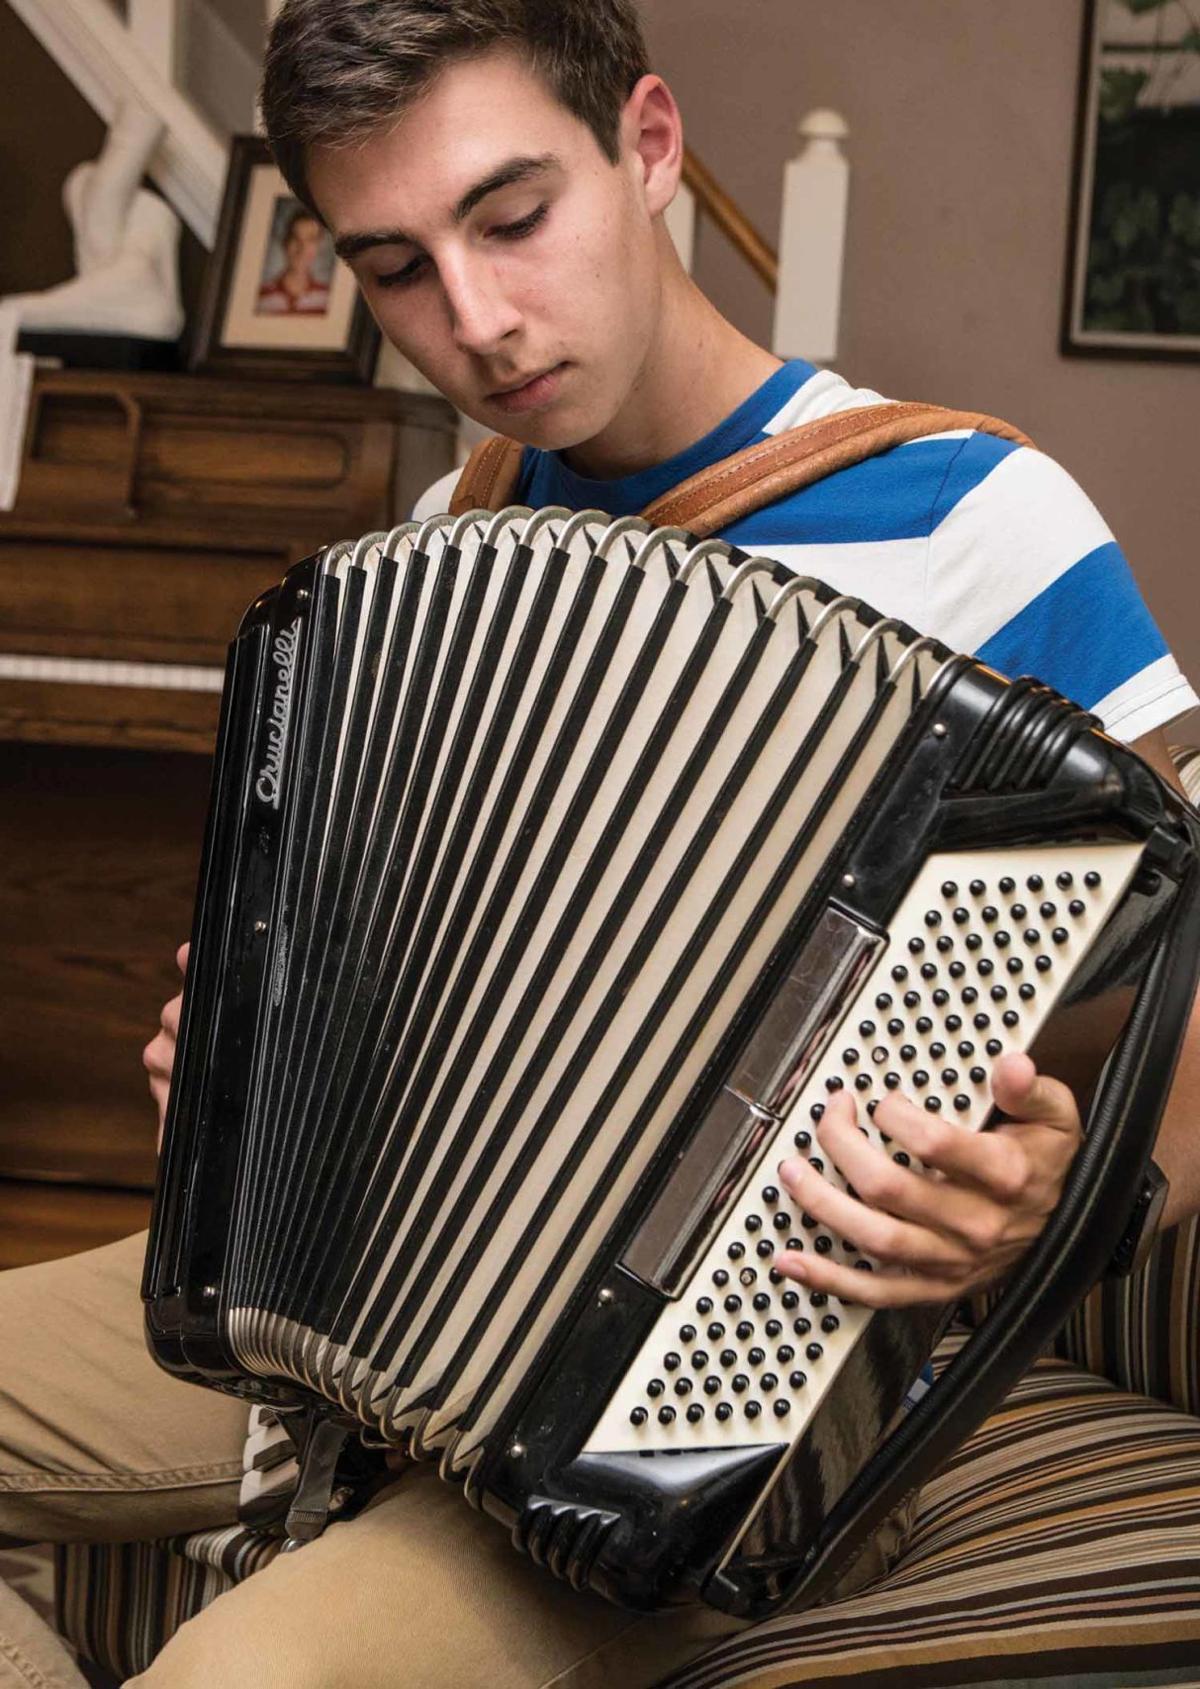 10-6 LS_Interesting instruments_AccordionC_jag-1.jpg